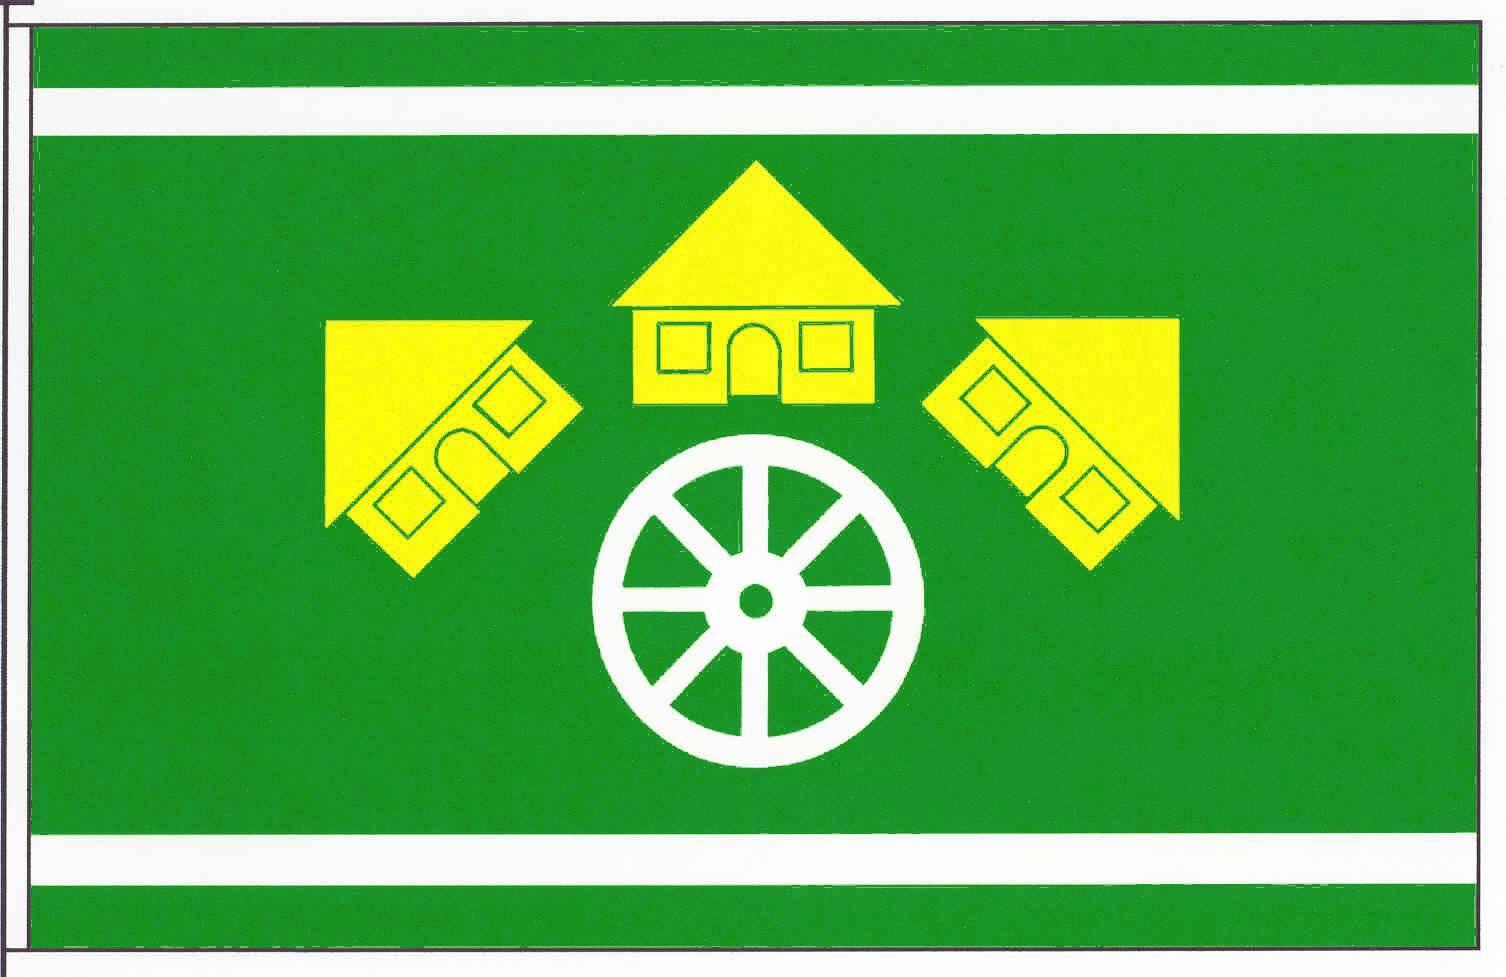 Flagge GemeindeKrumstedt, Kreis Dithmarschen